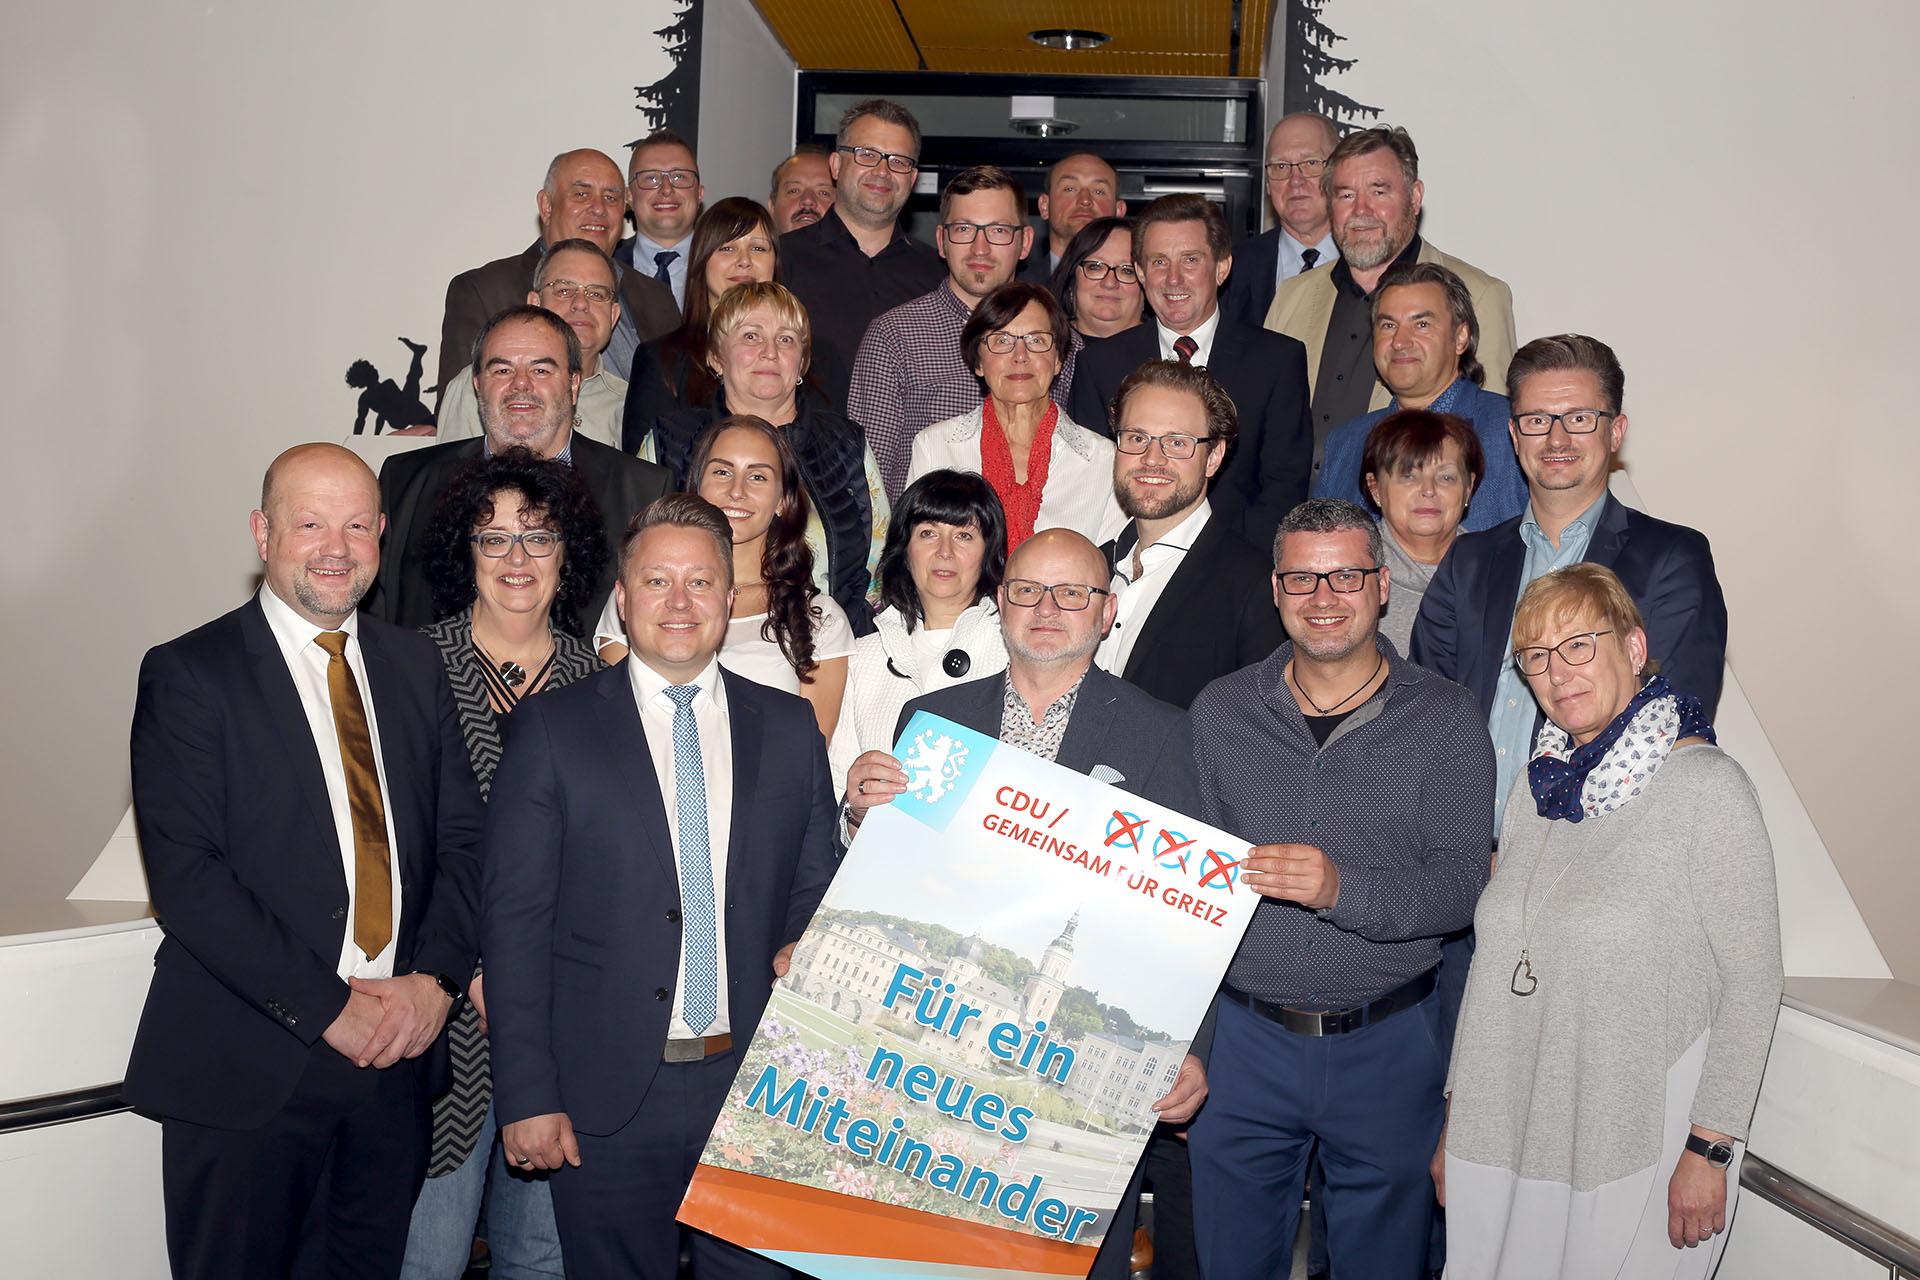 Stadtratskandidaten der CDU/Gemeinsam für Greiz diskutieren am Montag über Ziele und Wahlkampf-Kapriolen.